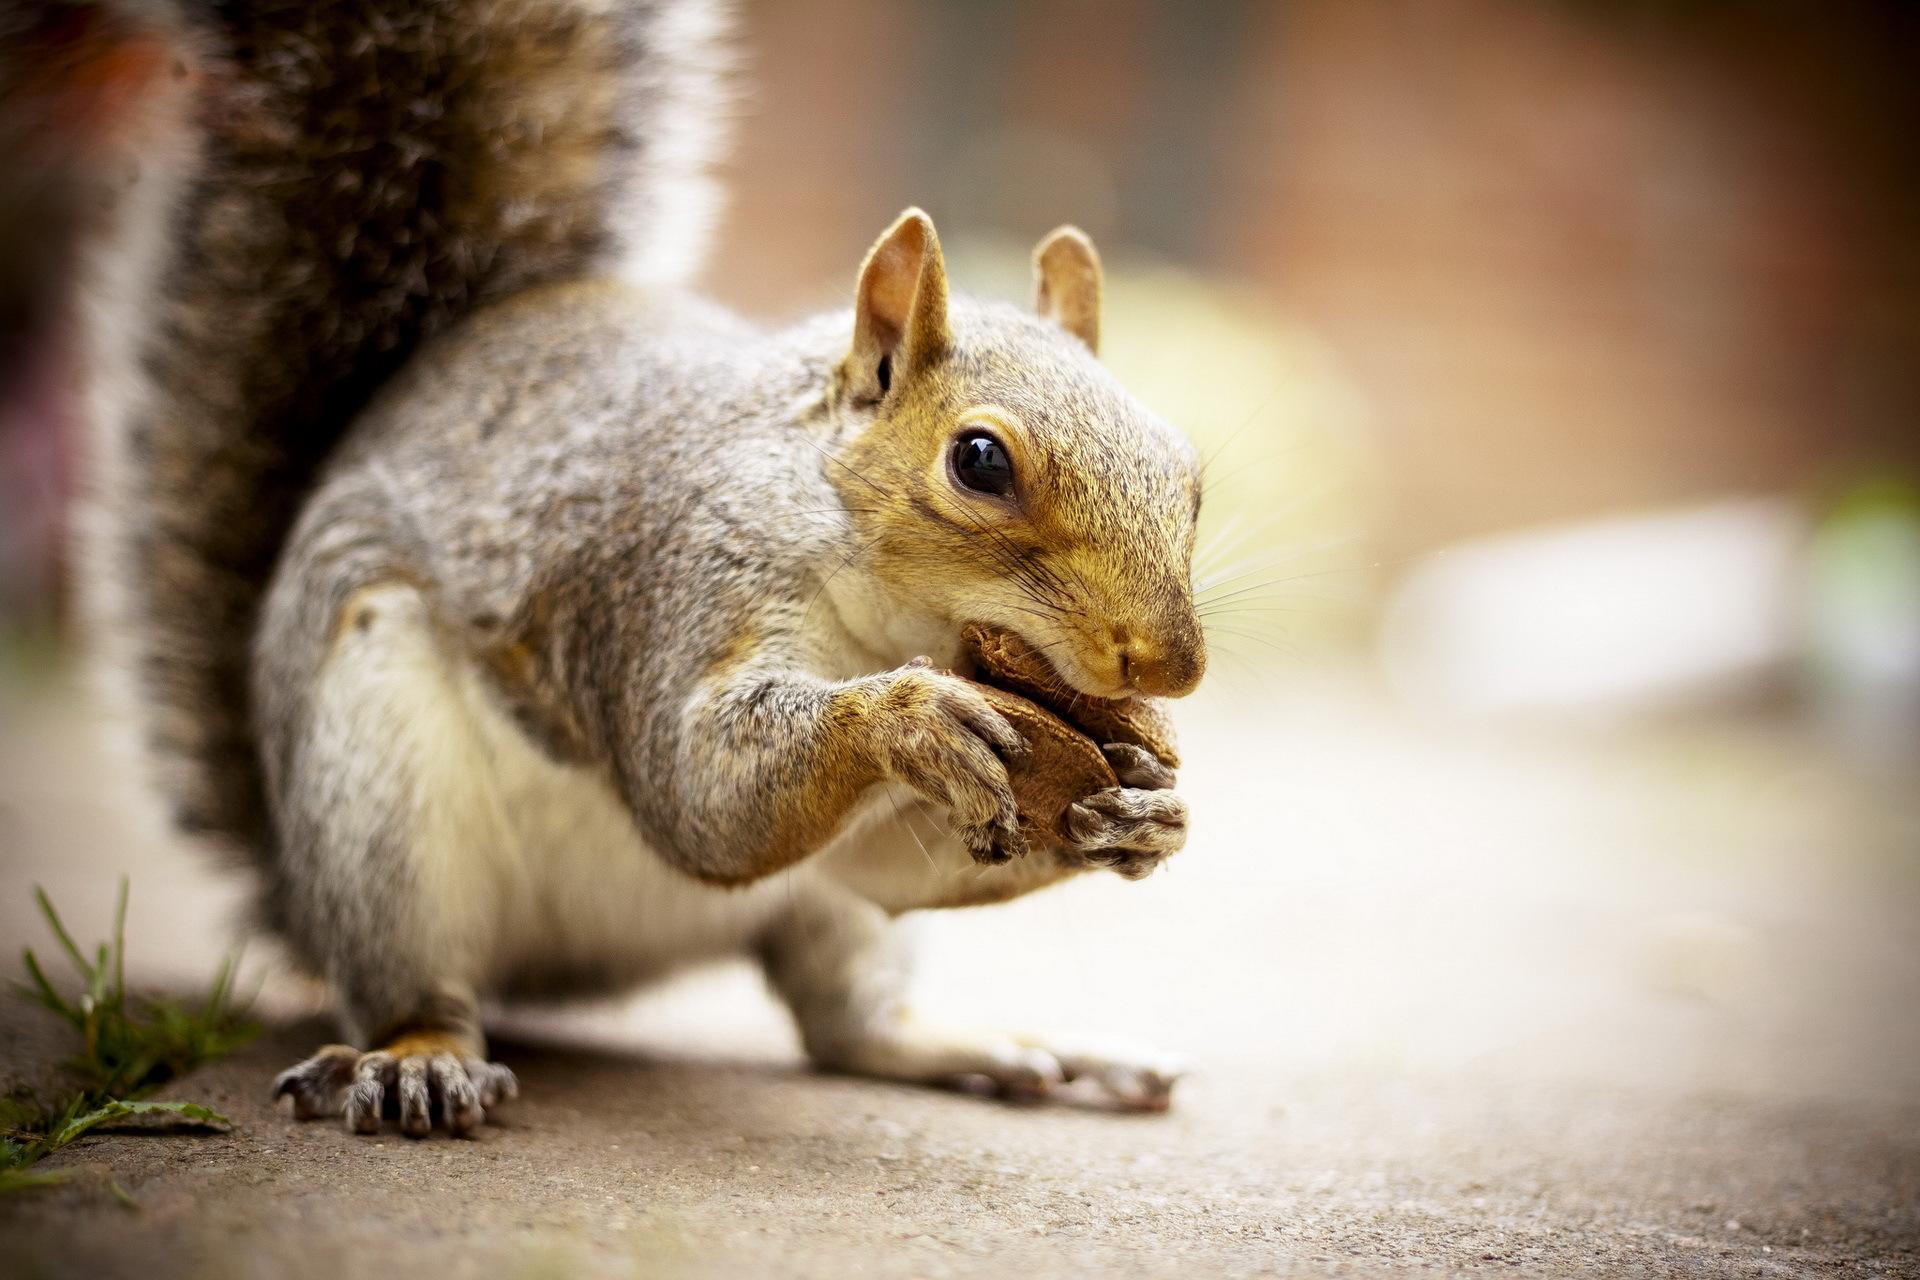 природа животные белка nature animals protein  № 1115652 бесплатно